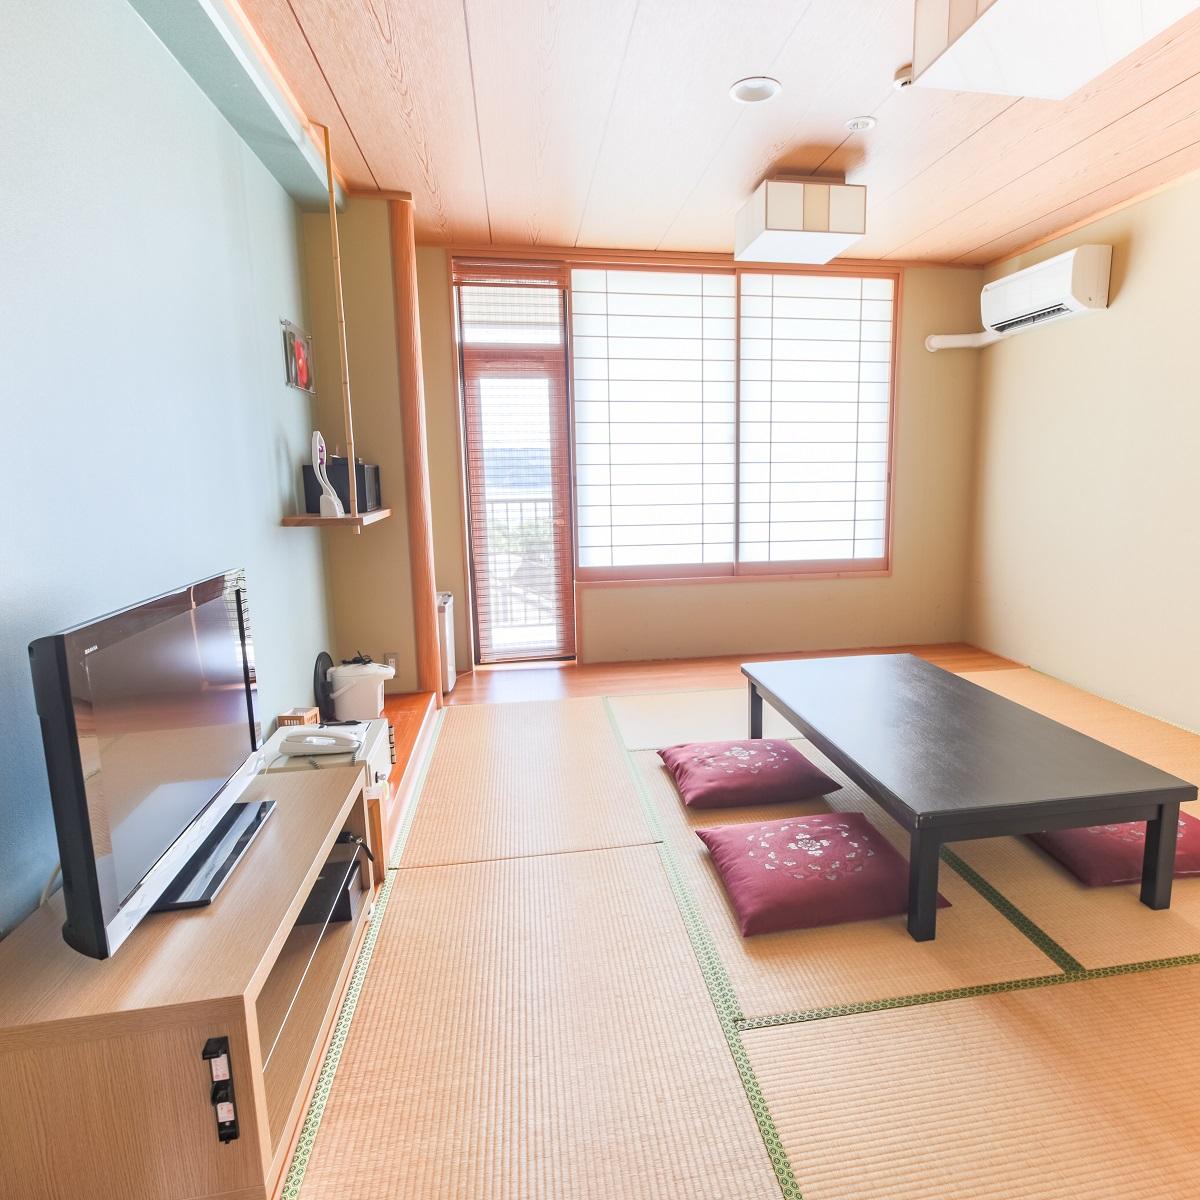 【ふるさと納税】【J9-001】福島温泉ほの香の宿 つばき荘 1泊2食付宿泊券(2名様分)